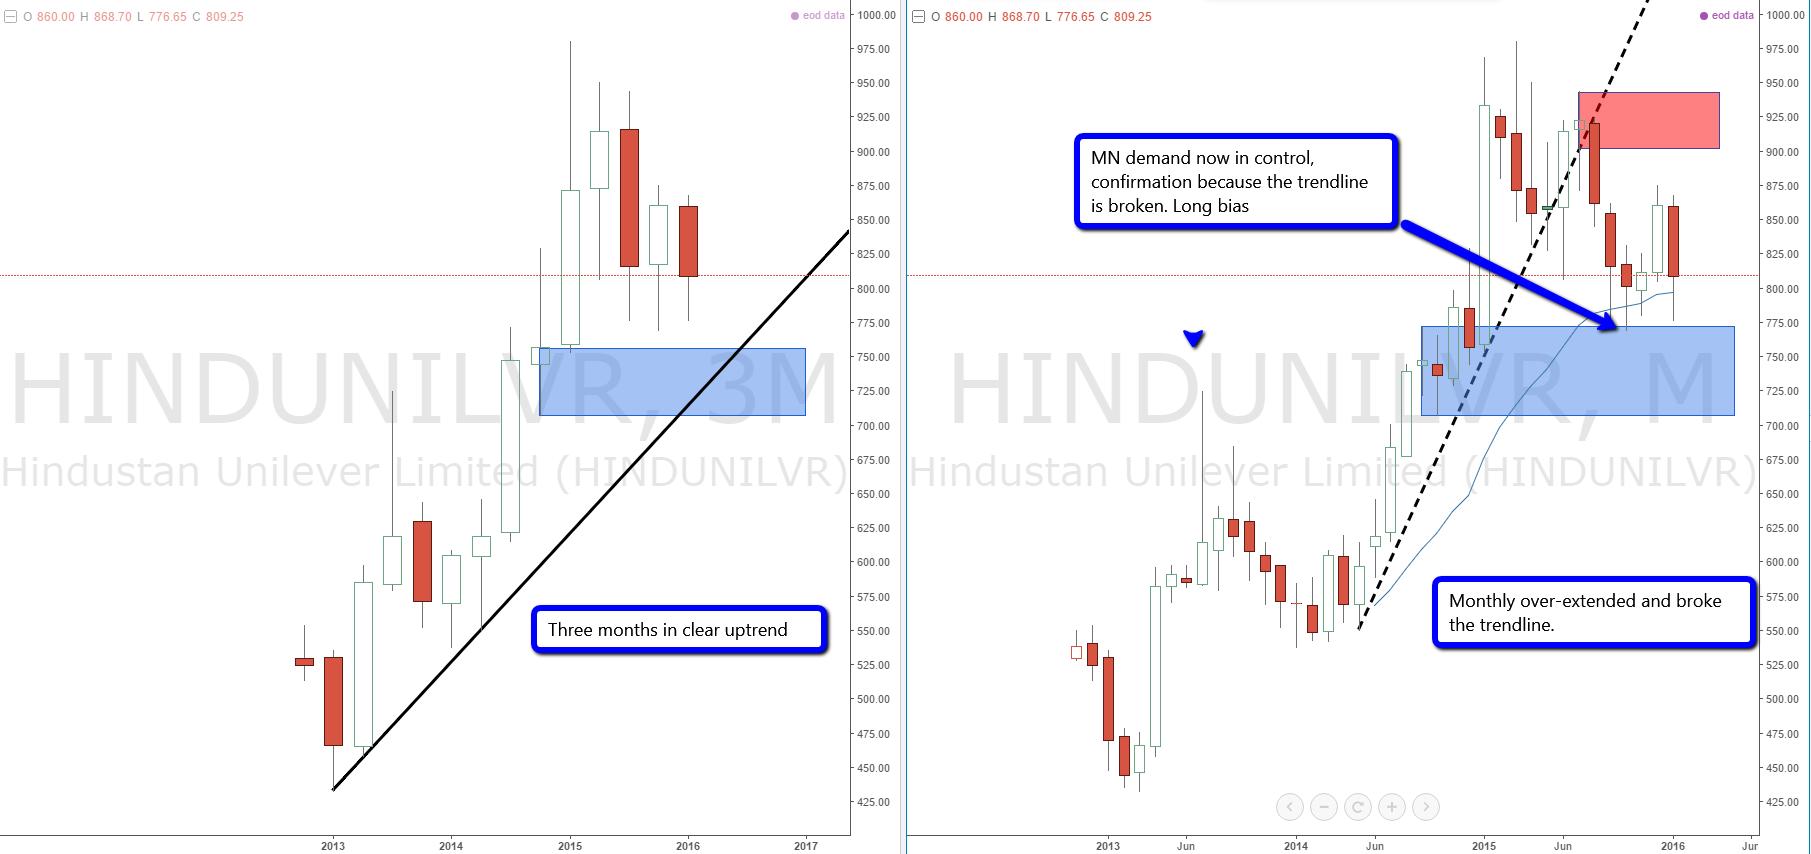 hindun_htf